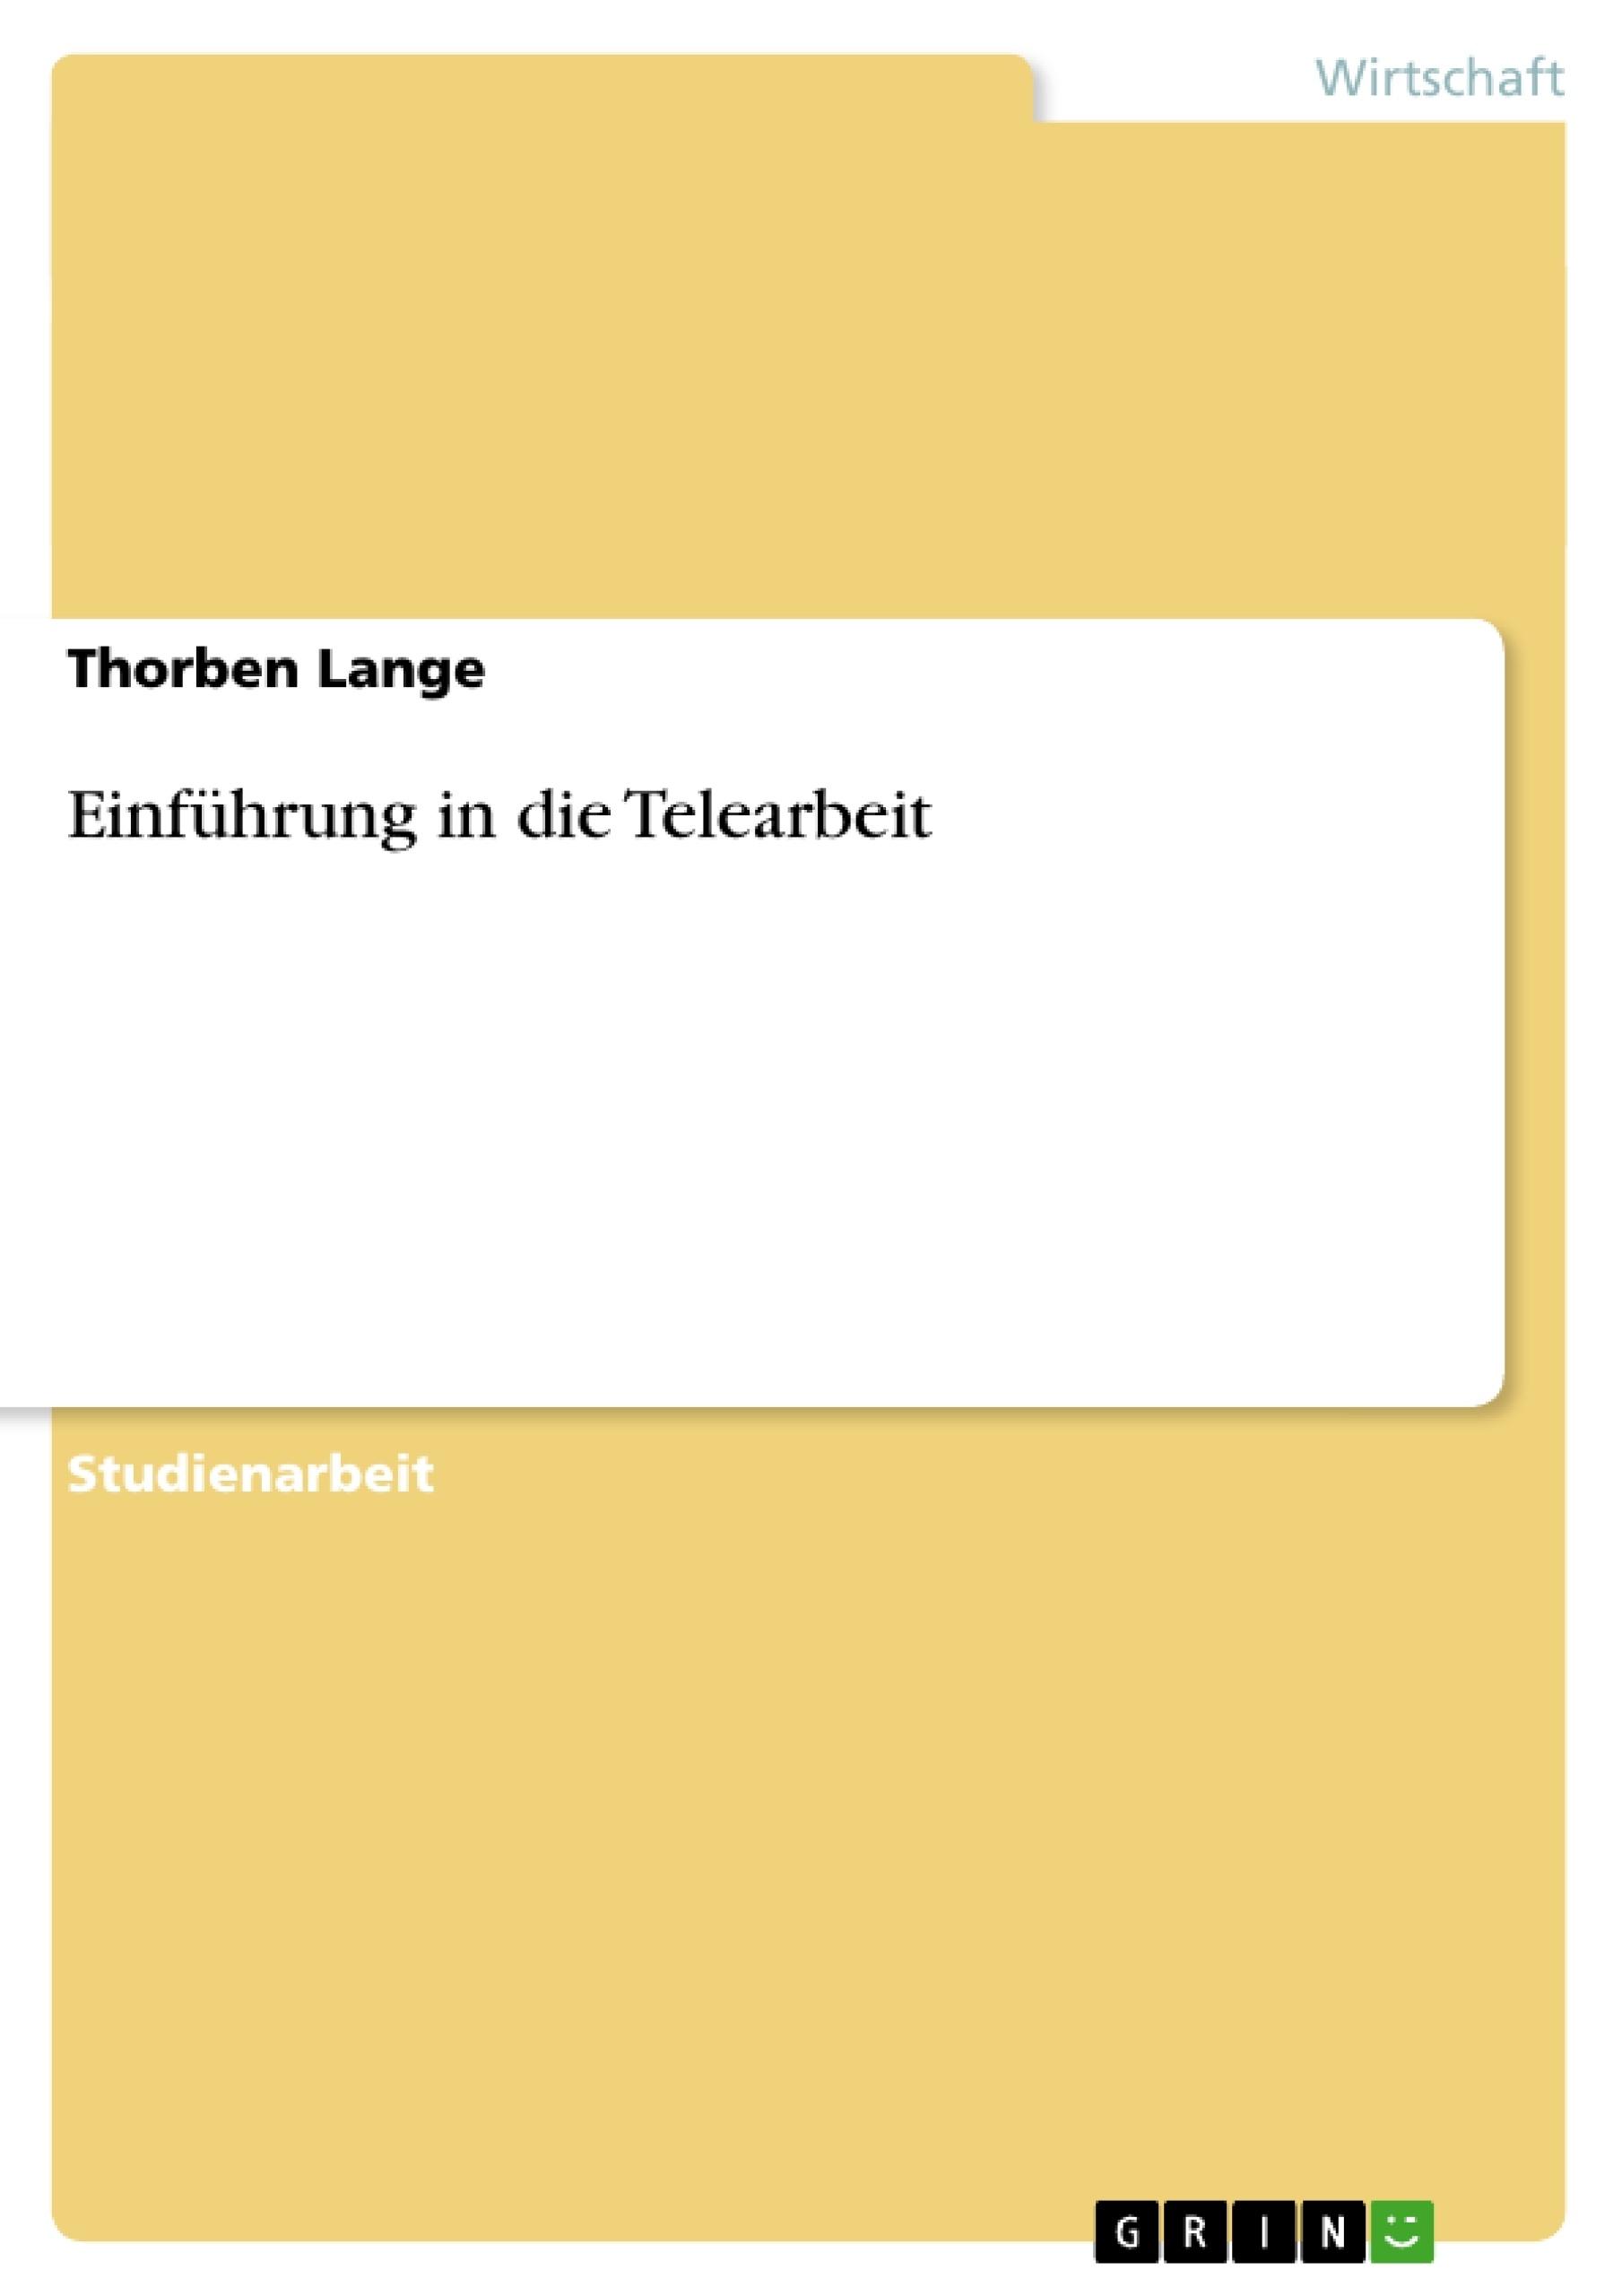 Titel: Einführung in die Telearbeit